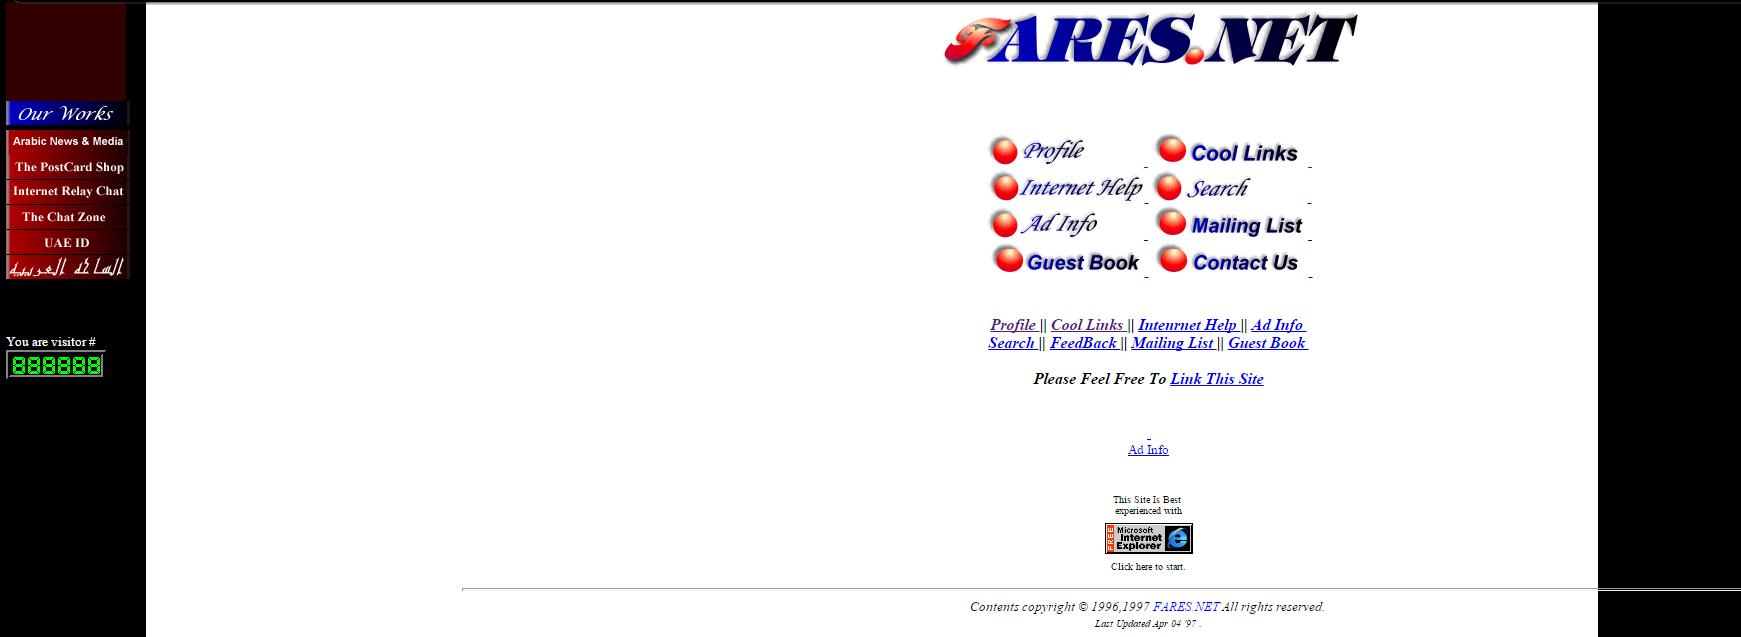 مواقع عربية قديمة على الإنترنت - اقدم المواقع العربية الالكترونية - موقع 3